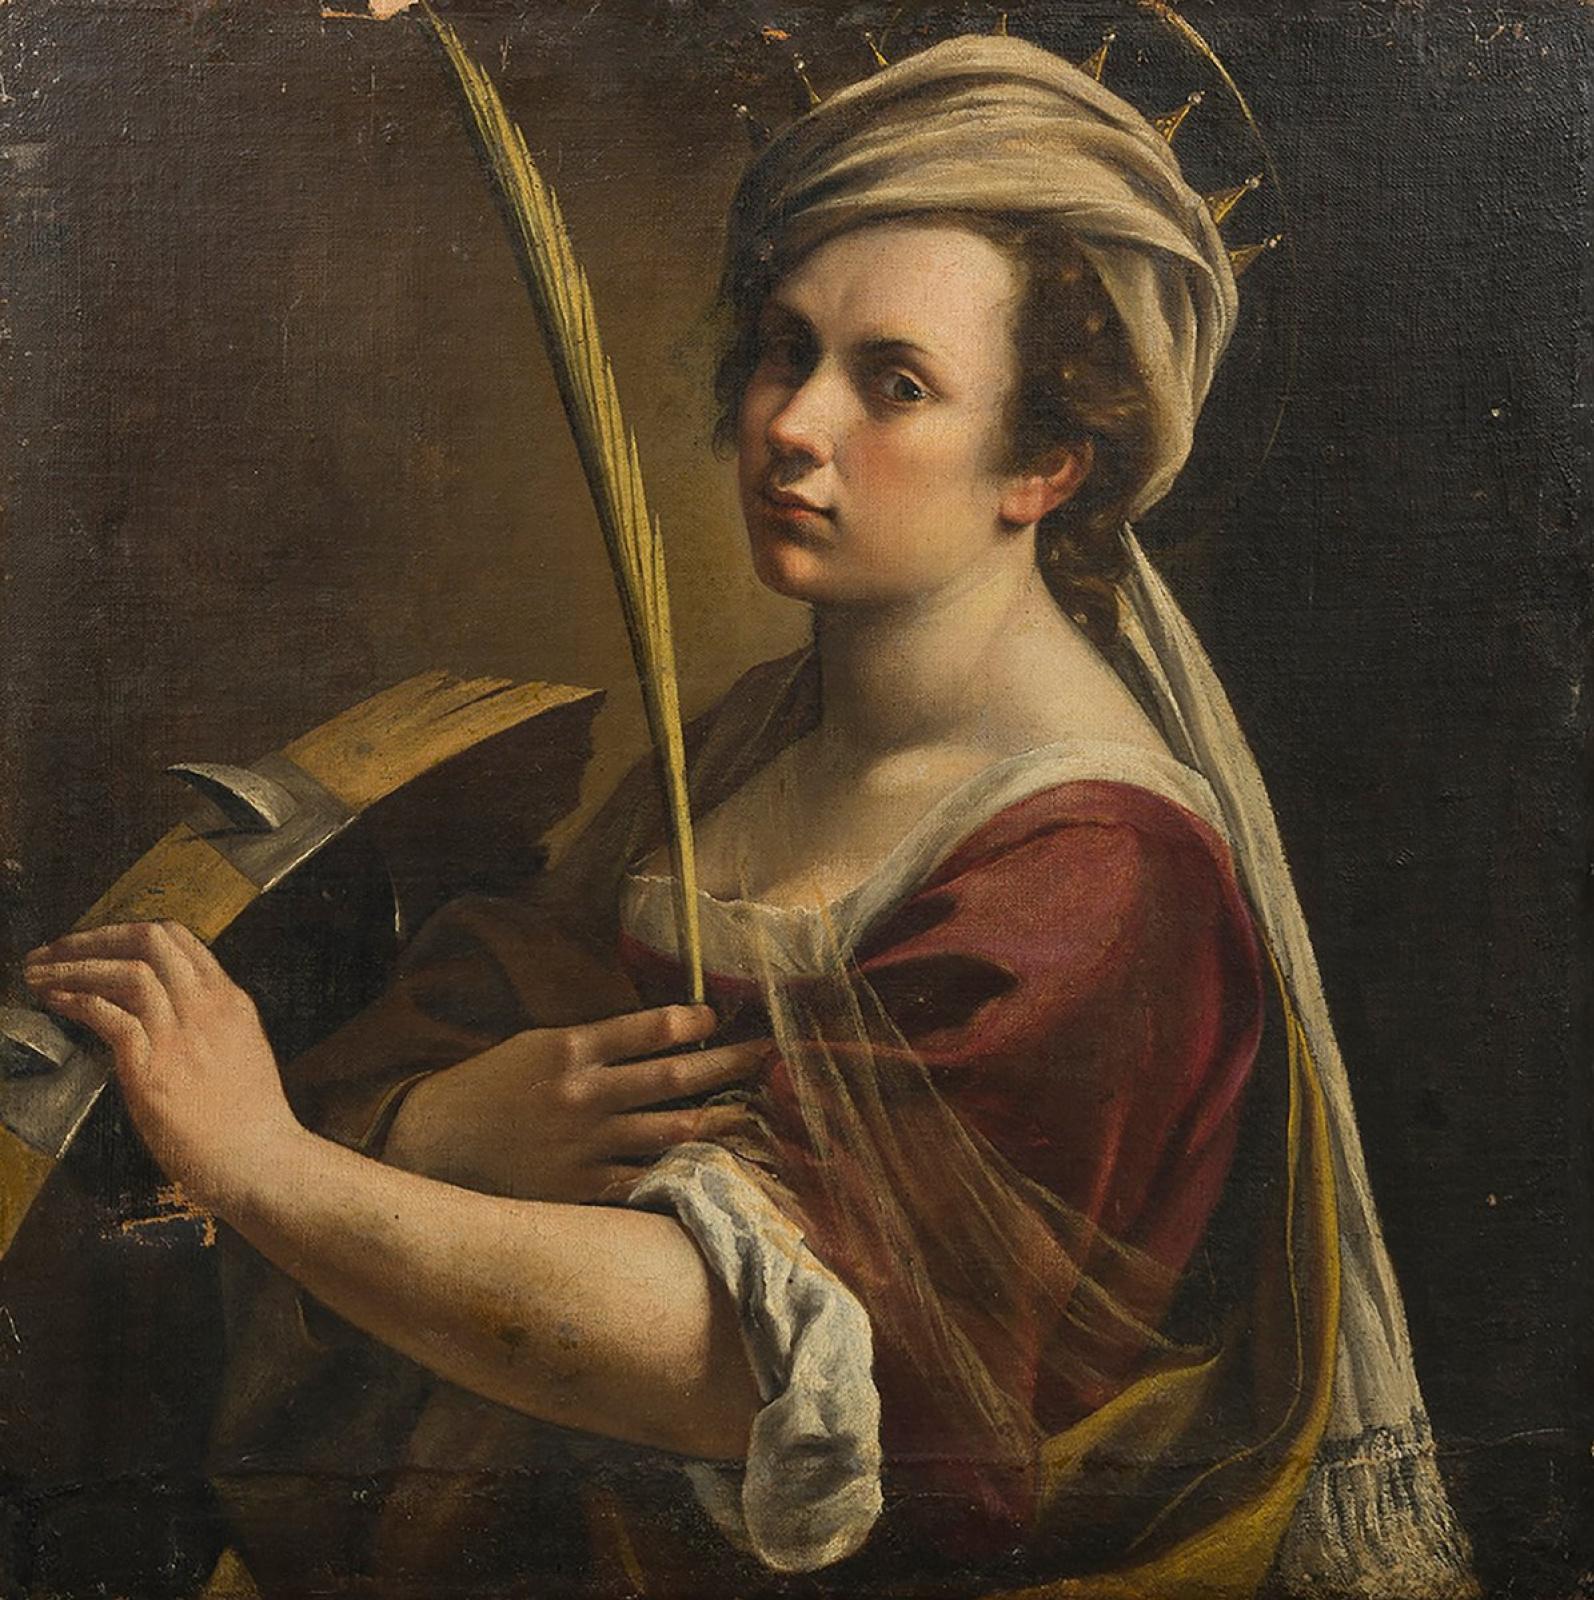 Артемизия Джентилески. Автопортрет в образе святой Екатерины